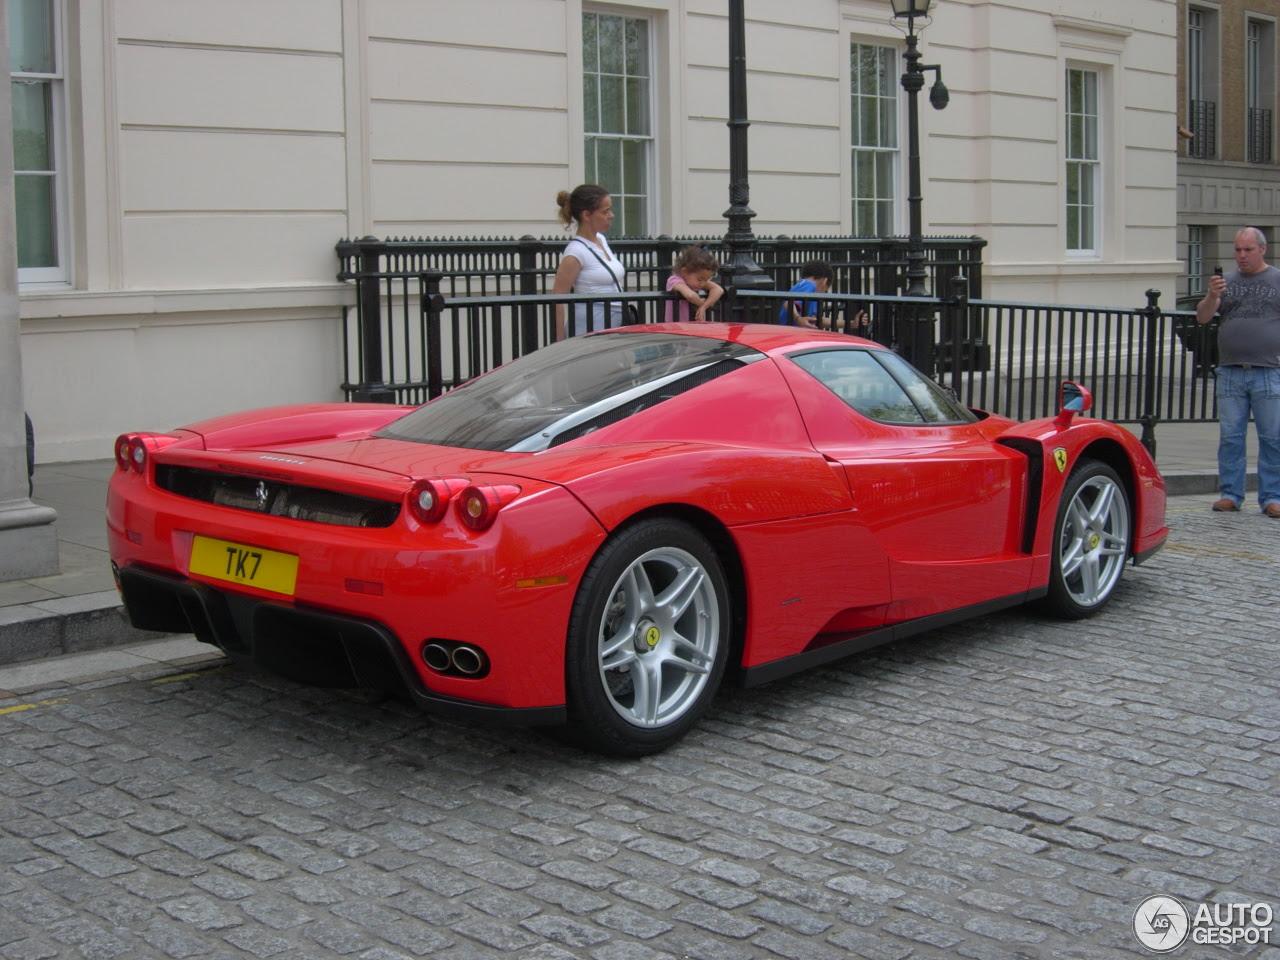 Ferrari Enzo Ferrari  12 July 2015  Autogespot